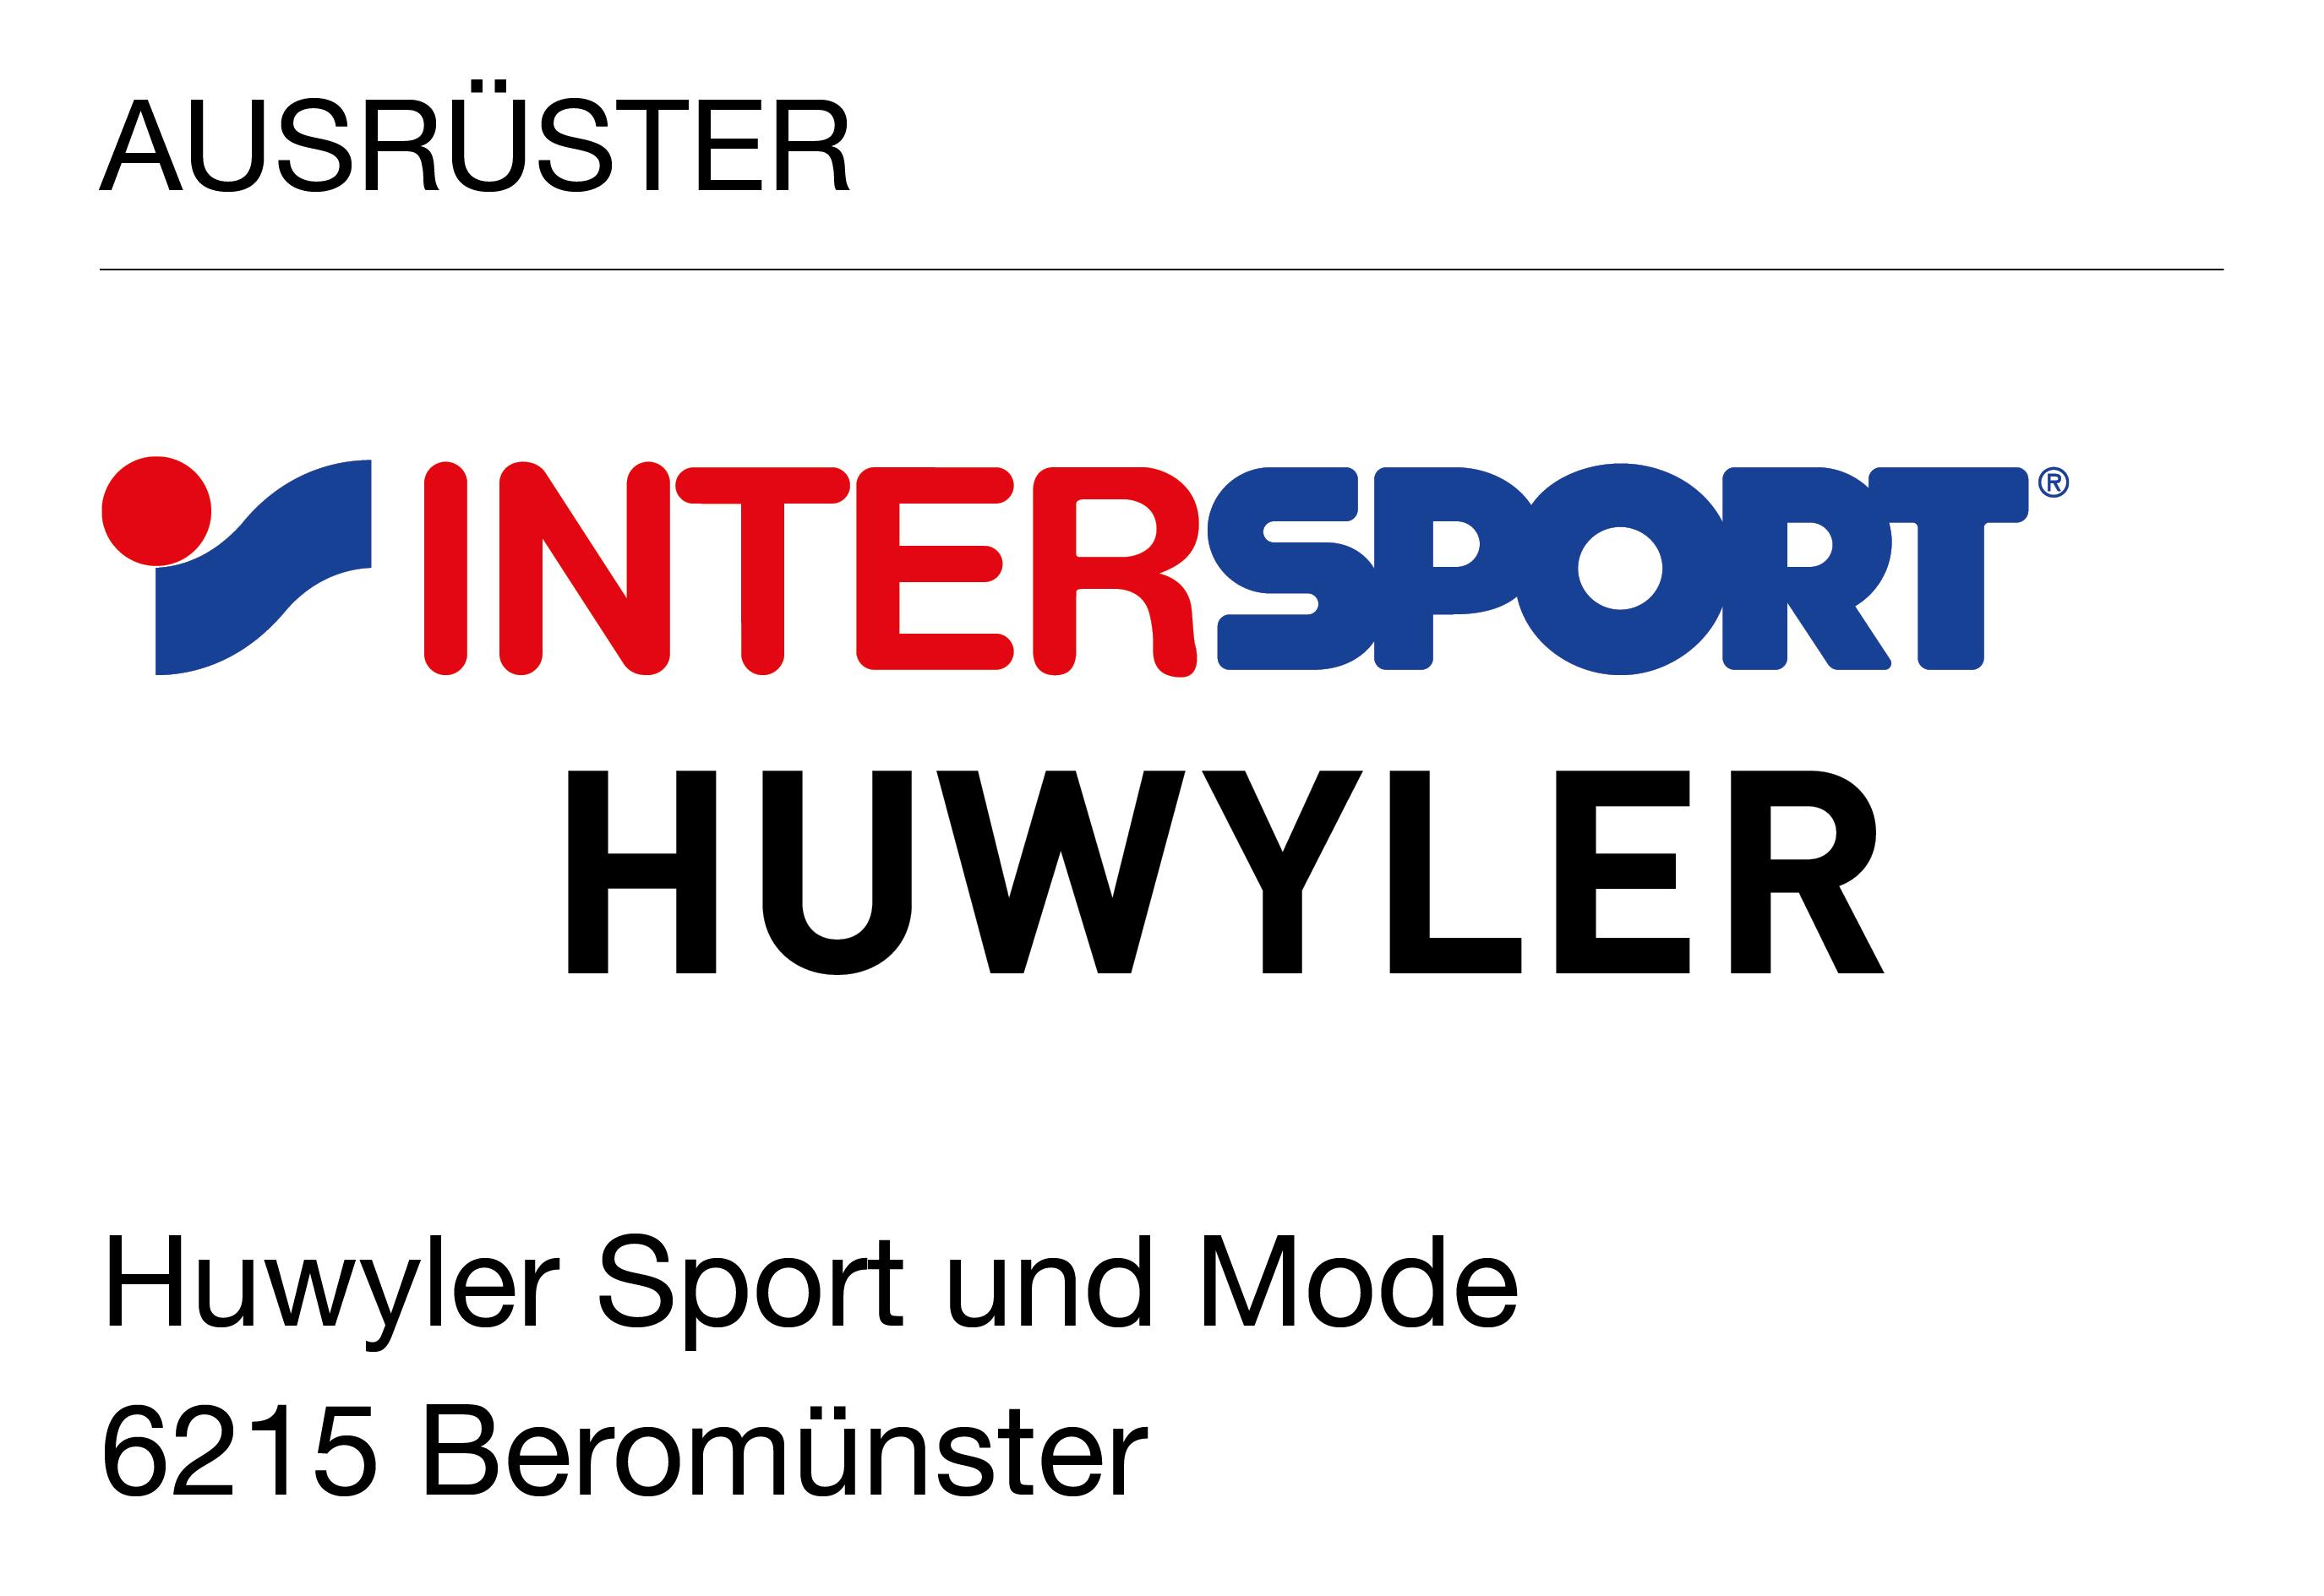 Huwyler Sport